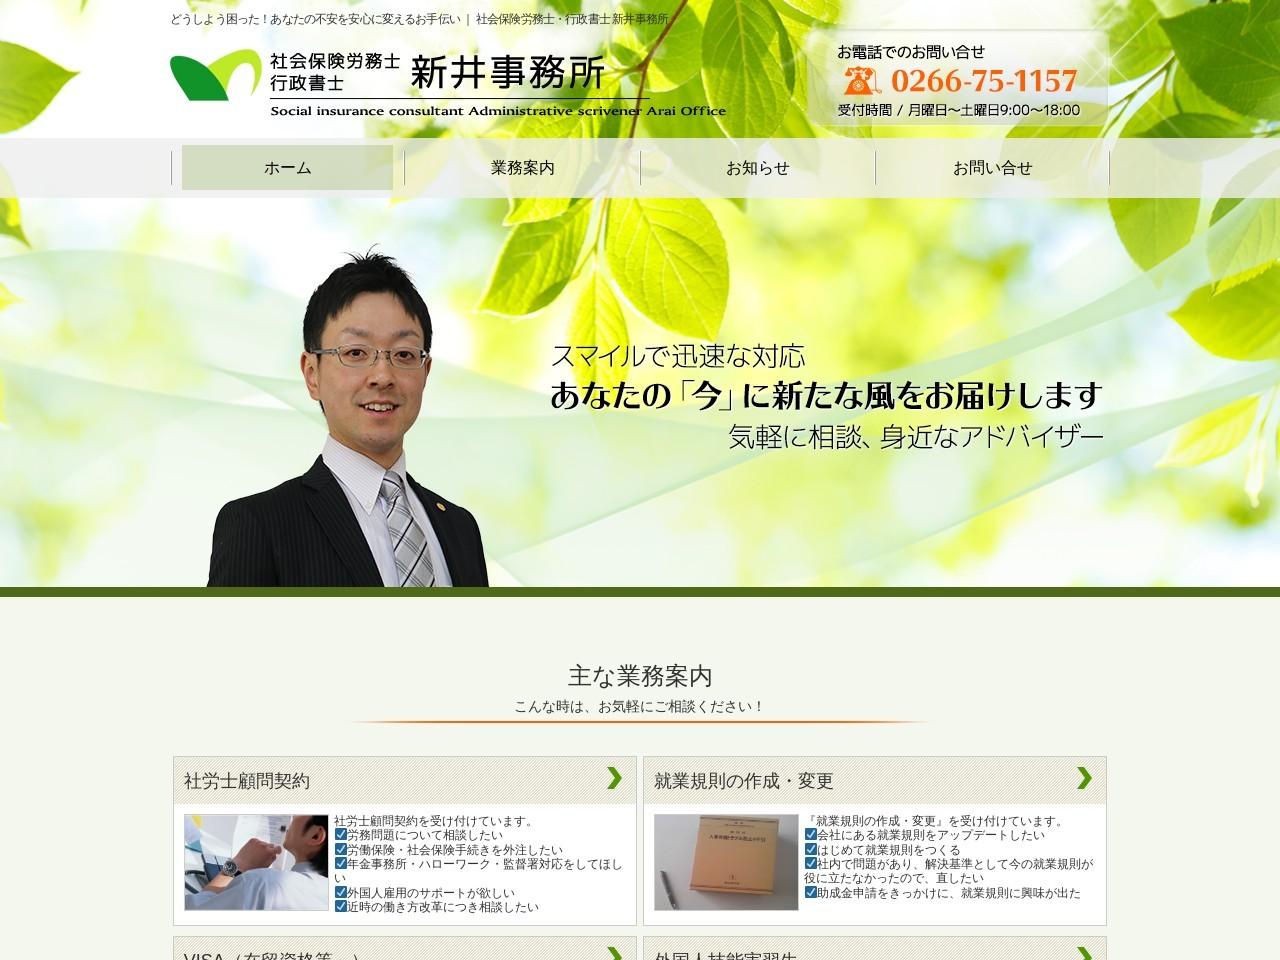 社会保険労務士行政書士新井事務所